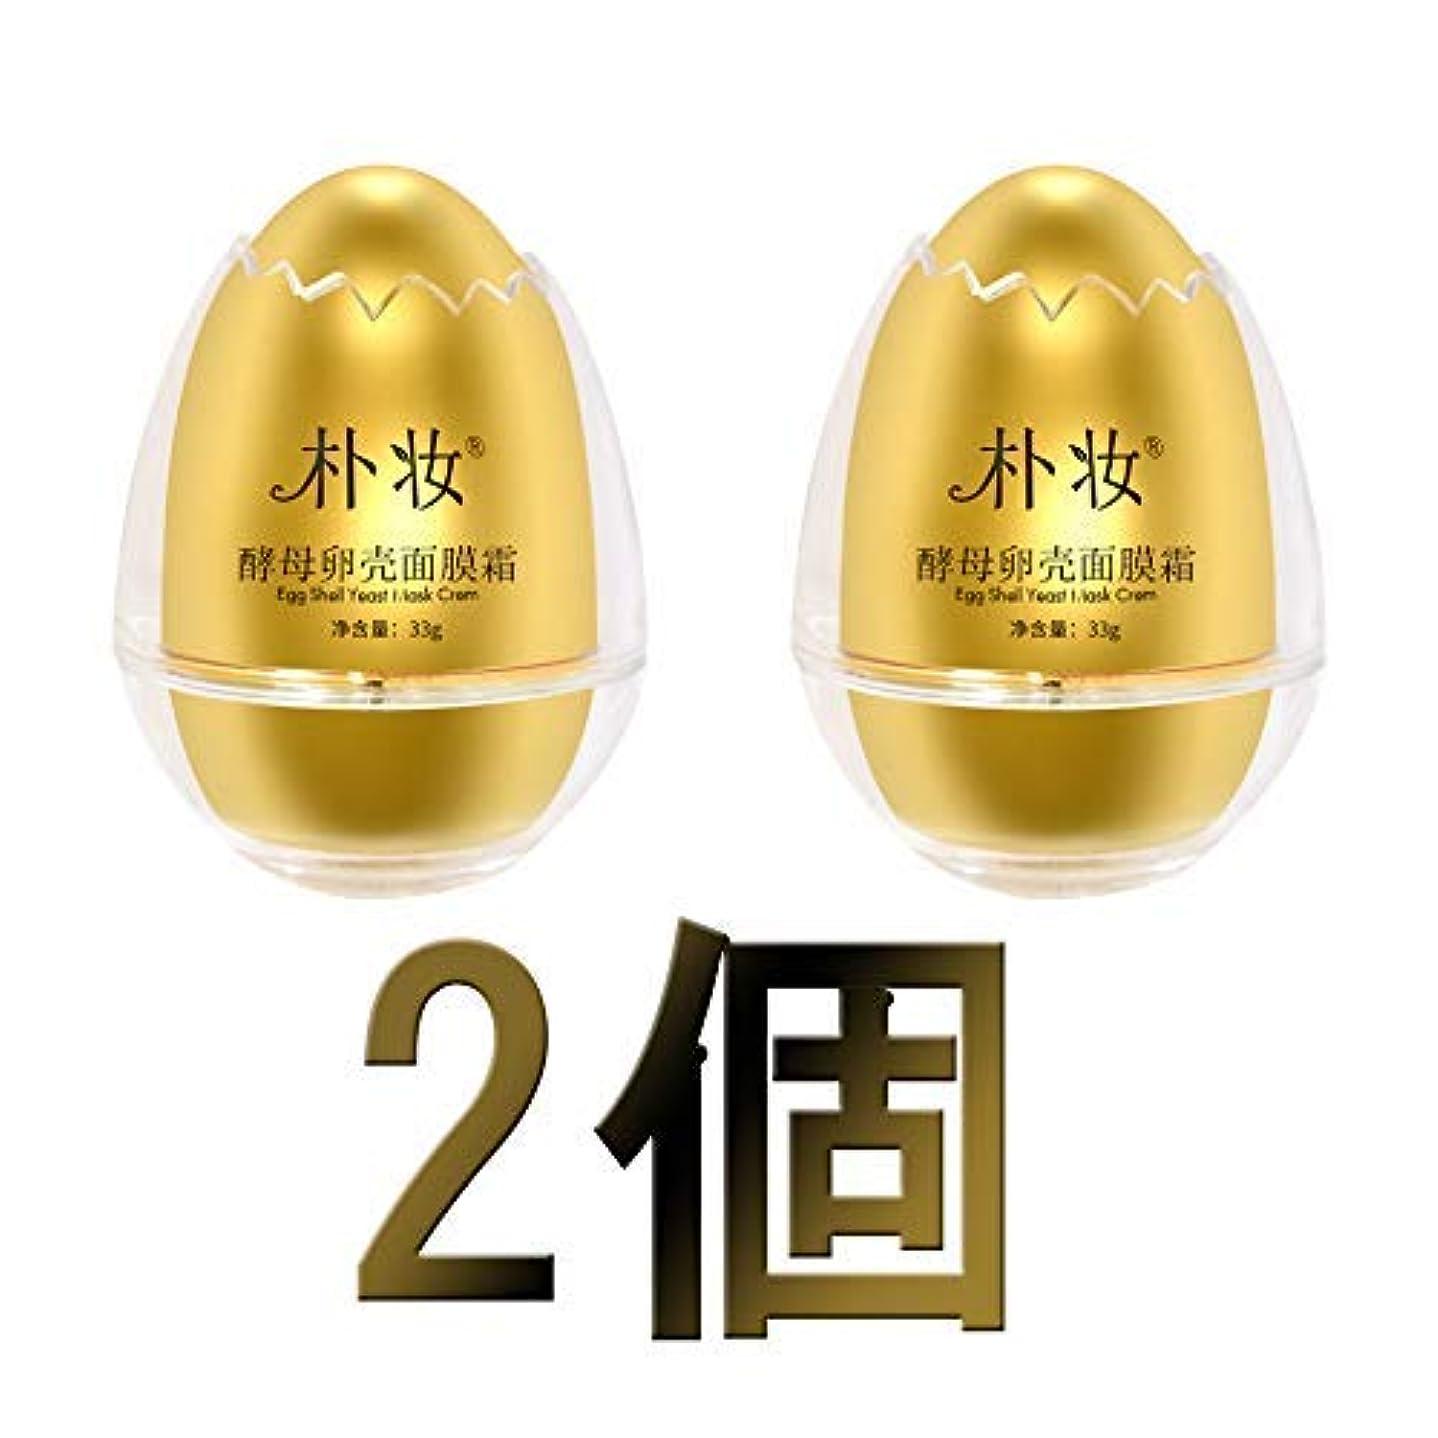 苦しみ完全に乾く賢い朴妆たんたんパックx2個 酵母卵殻マスククリーム33g しっとりと た肌,シュリンクポア,しわ耐性,肌を引っ張る、